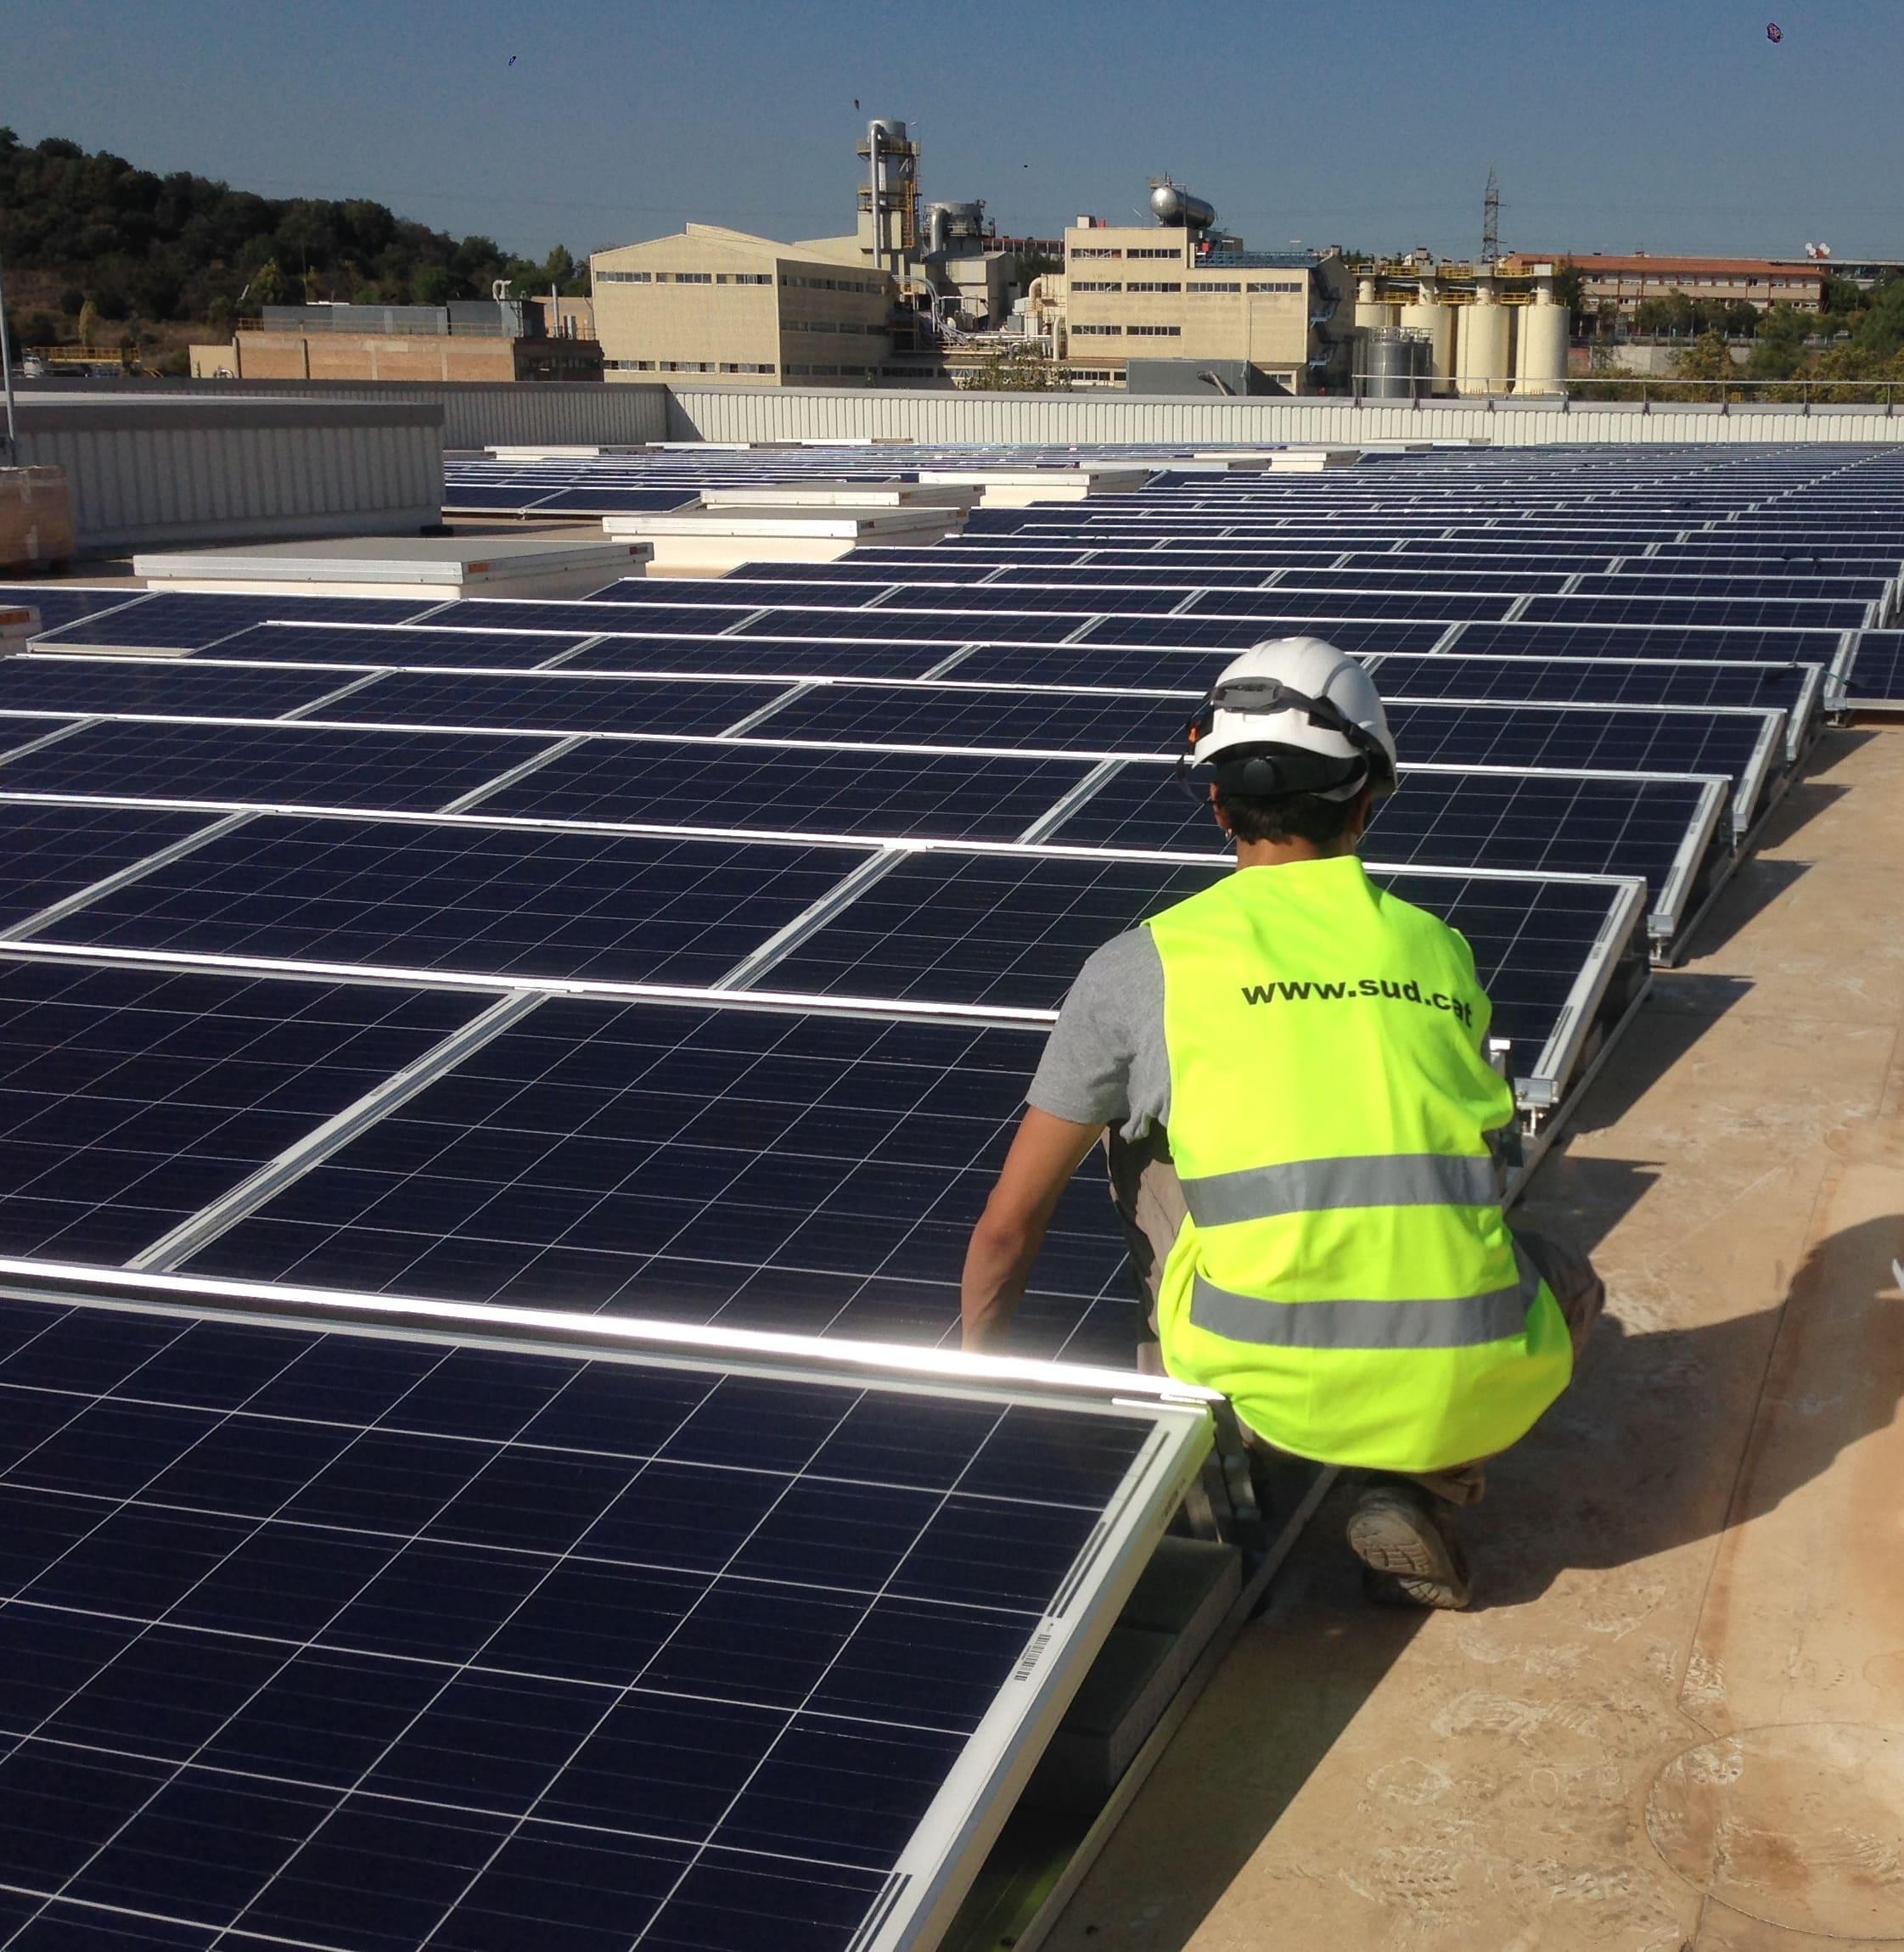 SUD Renovables bat el seu rècord d'instal·lació fotovoltaica i supera els 5 milions d'euros de facturació